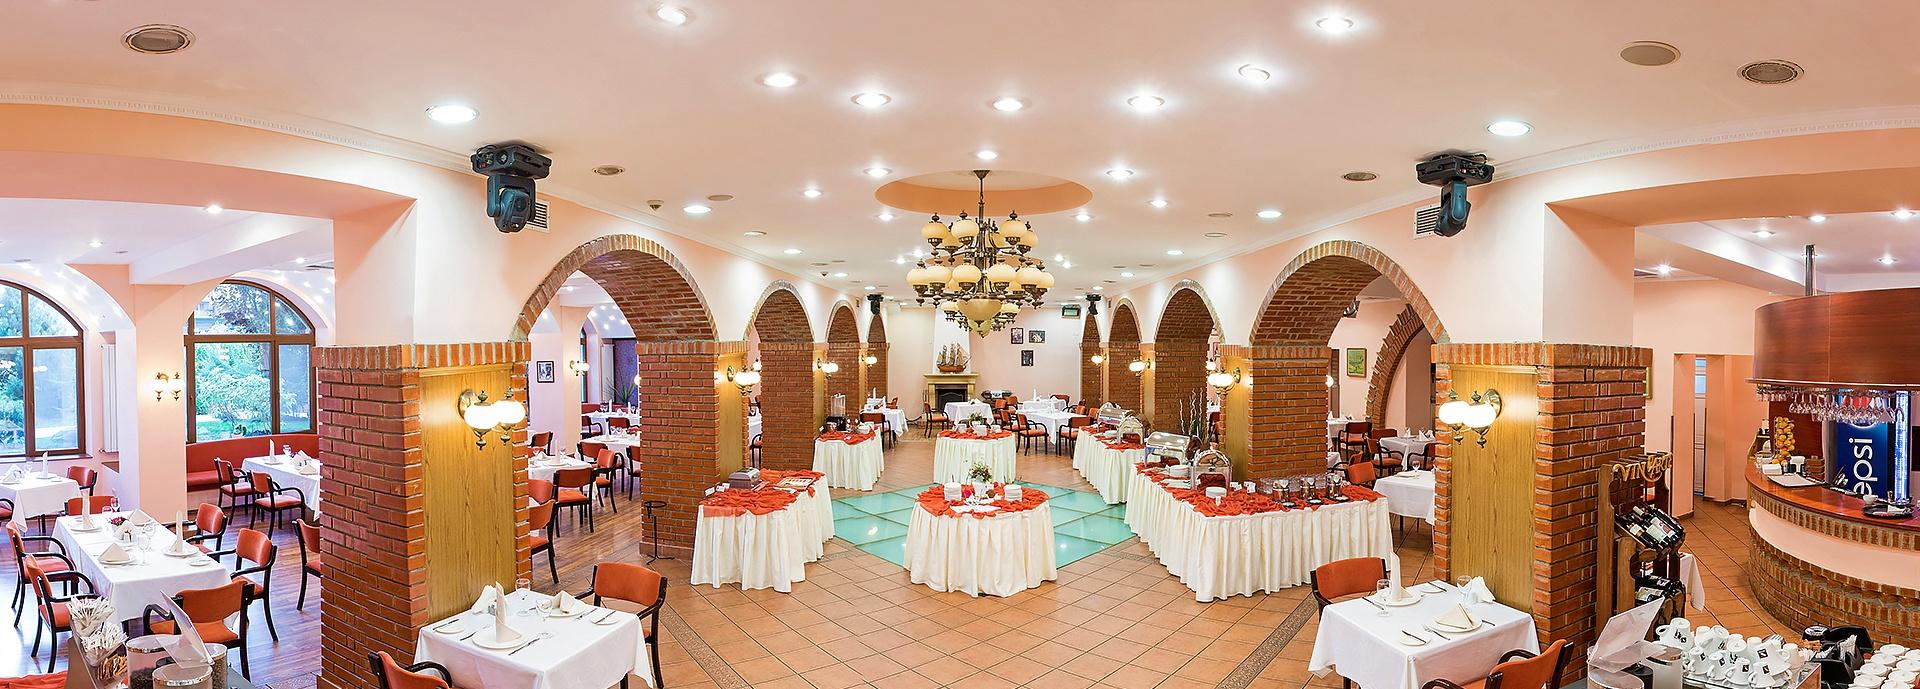 Restaurant Clasic - Bucuresti - Hotel Caro